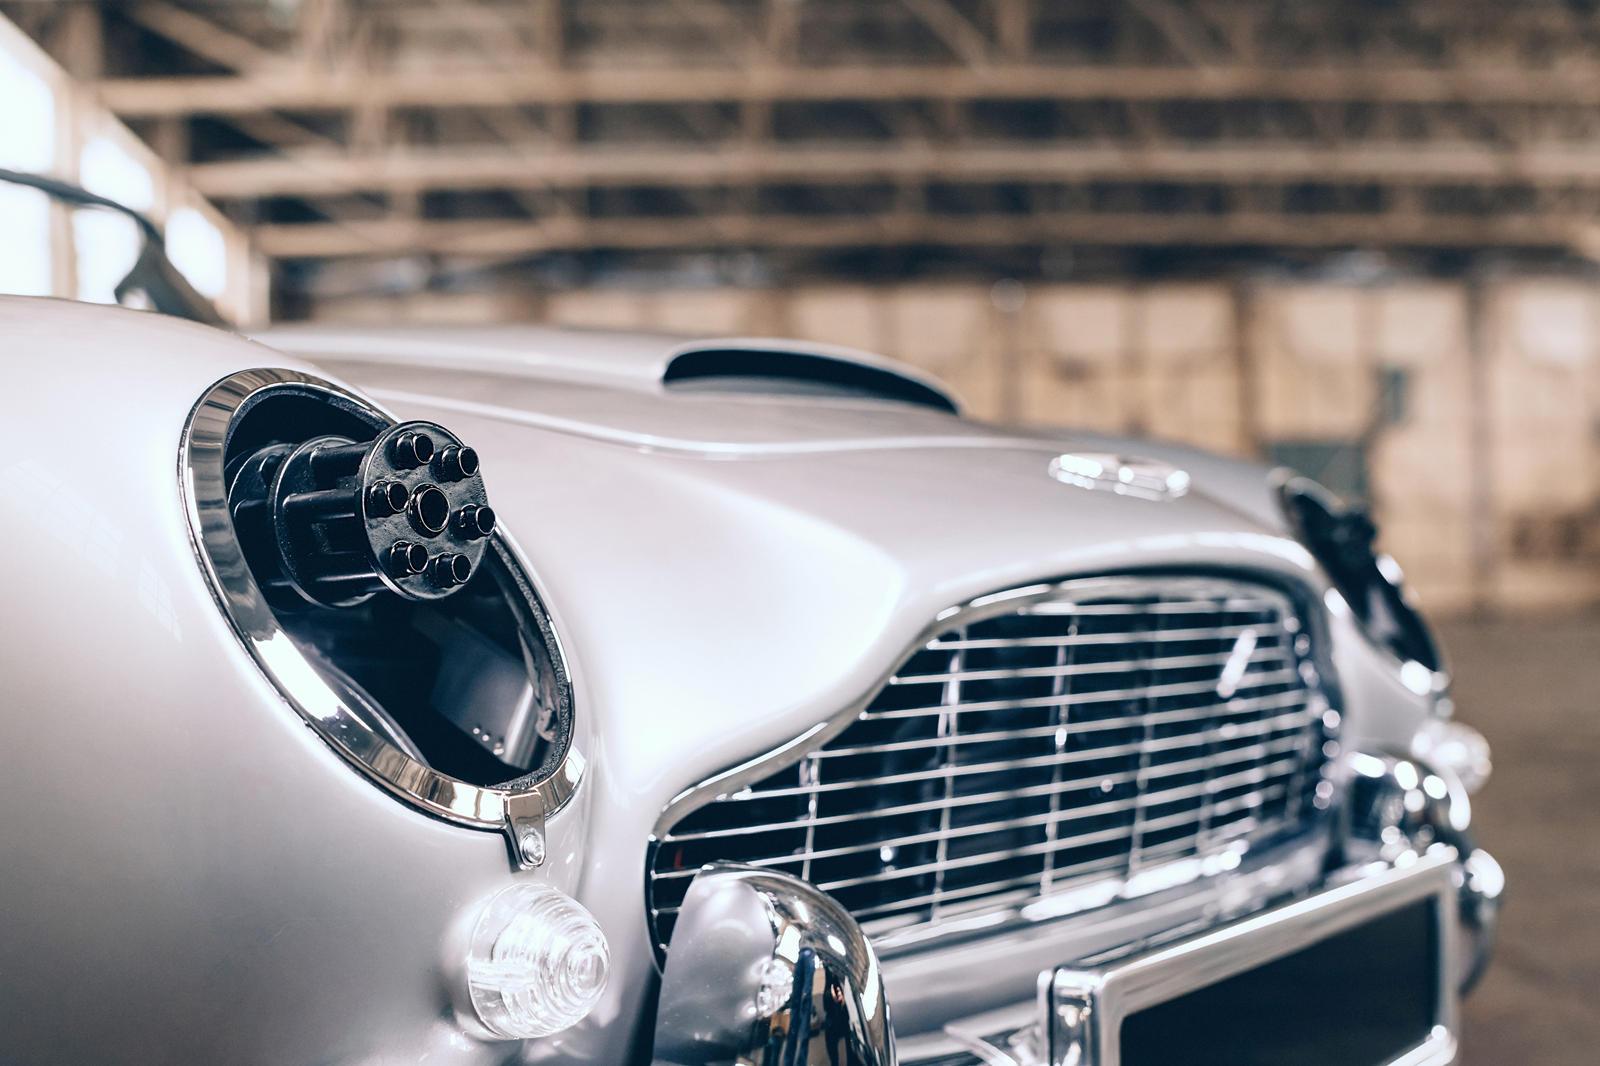 В салоне есть быстросъемное рулевое колесо для быстрого входа и выхода, и есть даже некоторые автомобильные компоненты, такие как дисковые тормоза Brembo и амортизаторы Bilstein.